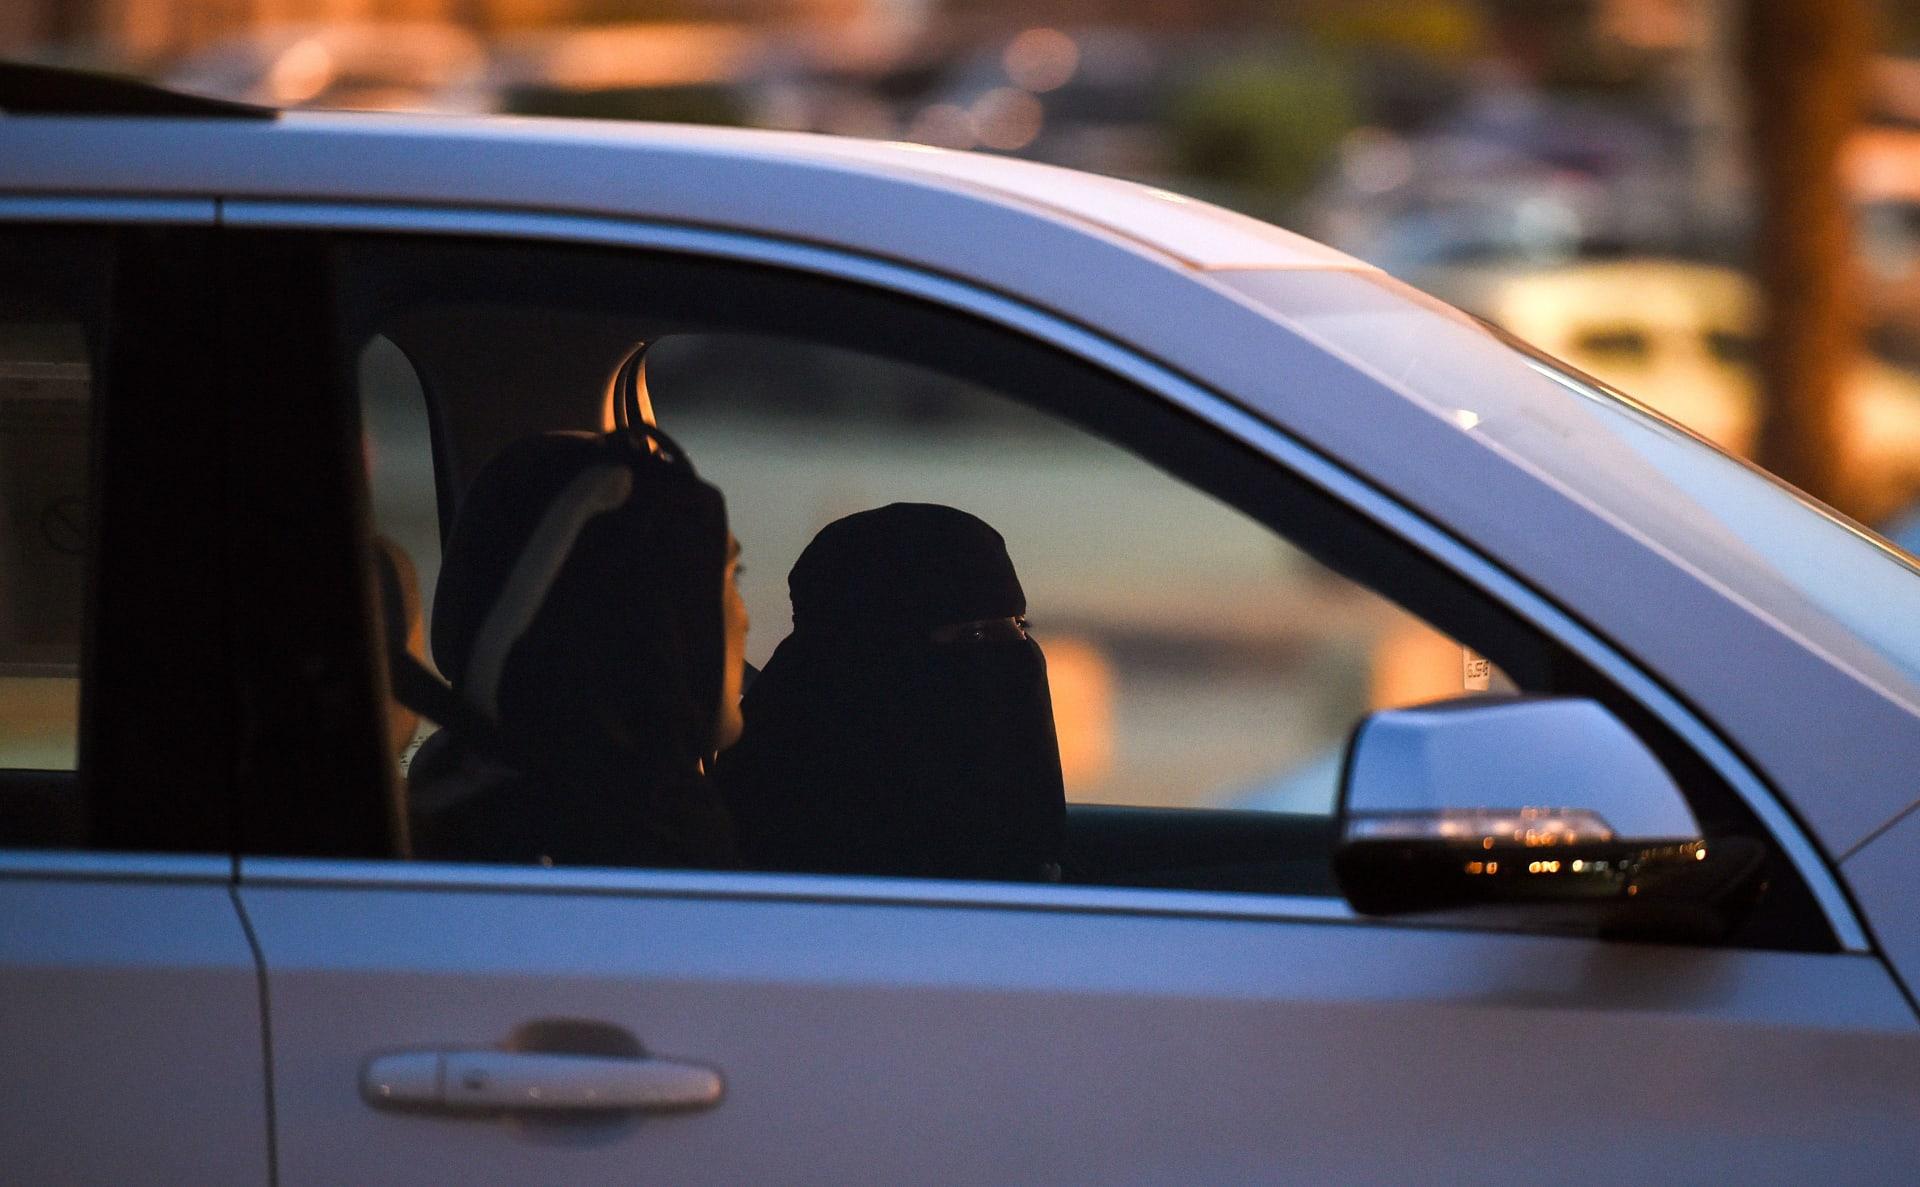 """إحالة مذيعة سعودية للتحقيق بسبب ملابسها """"غير المحتشمة"""" بتقرير عن قيادة المرأة"""